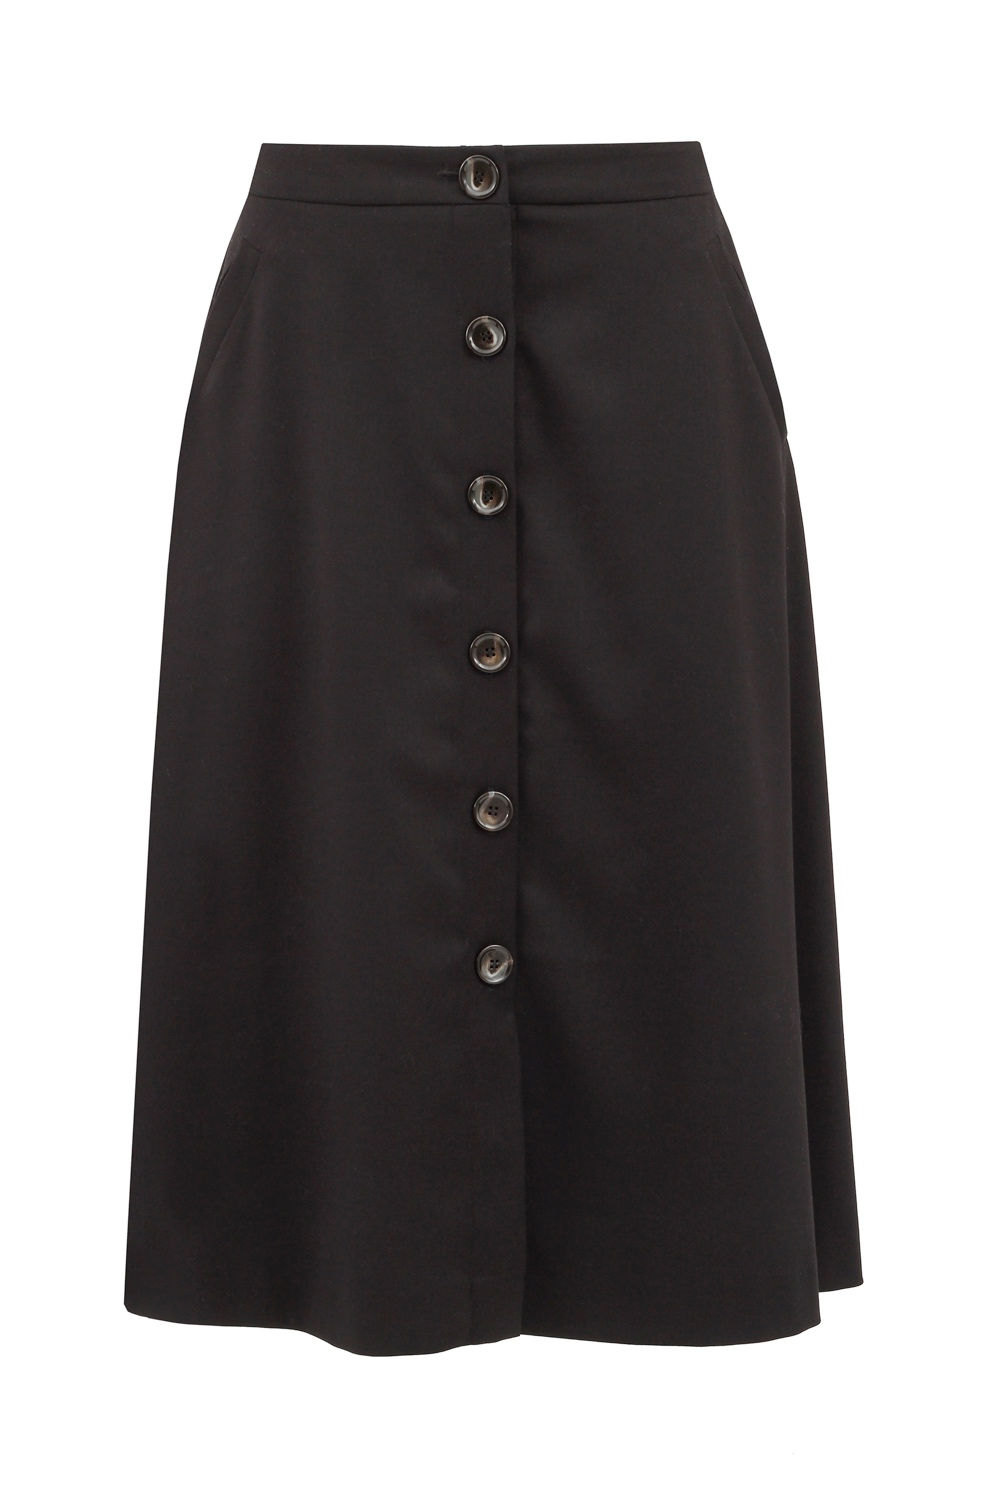 spódnica na guziki czarna